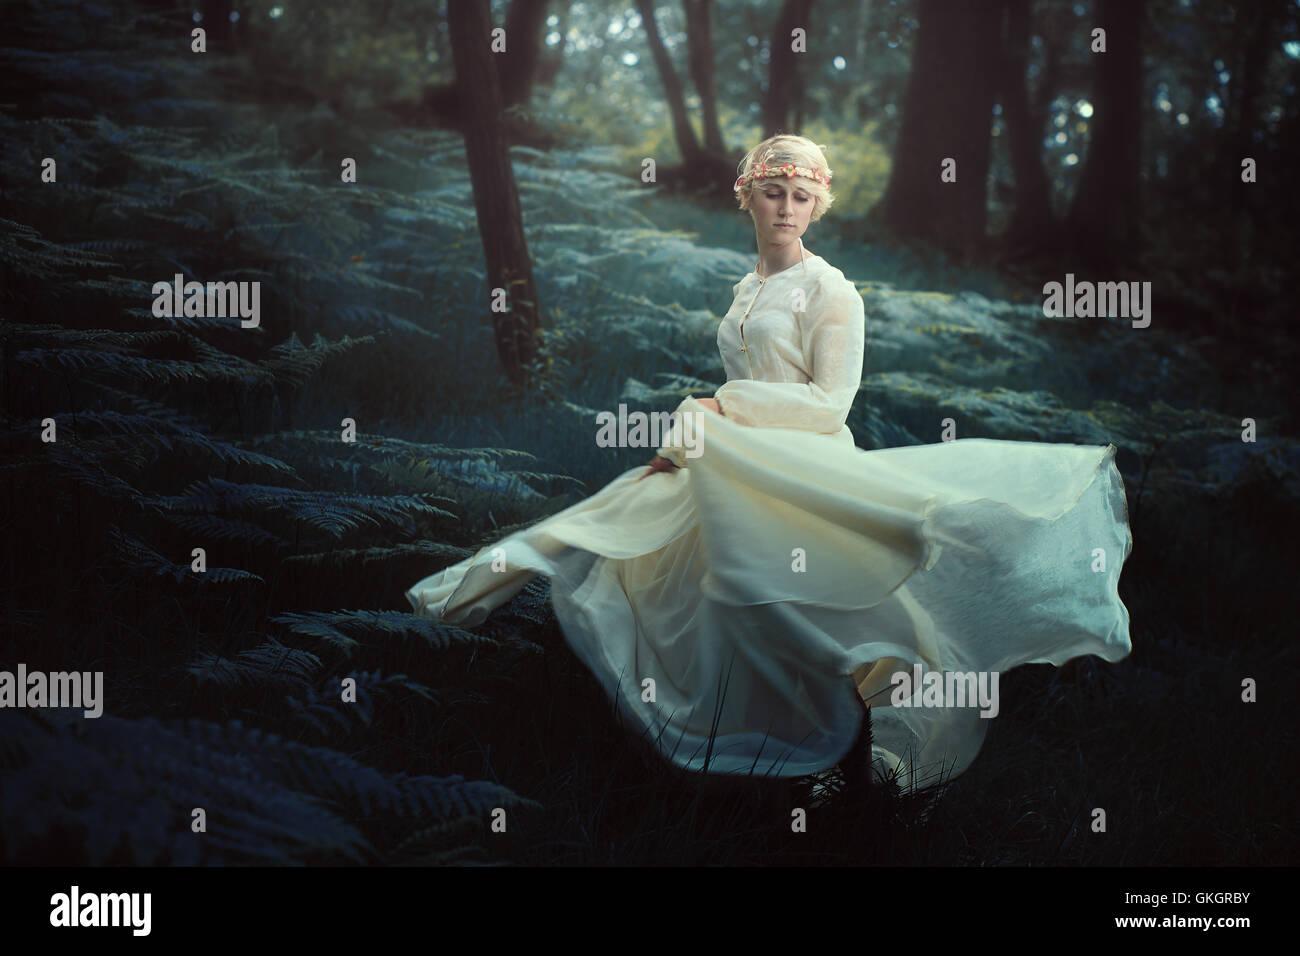 Ethereal femme dansant dans la forêt de rêve. Fantasy et surréaliste Photo Stock